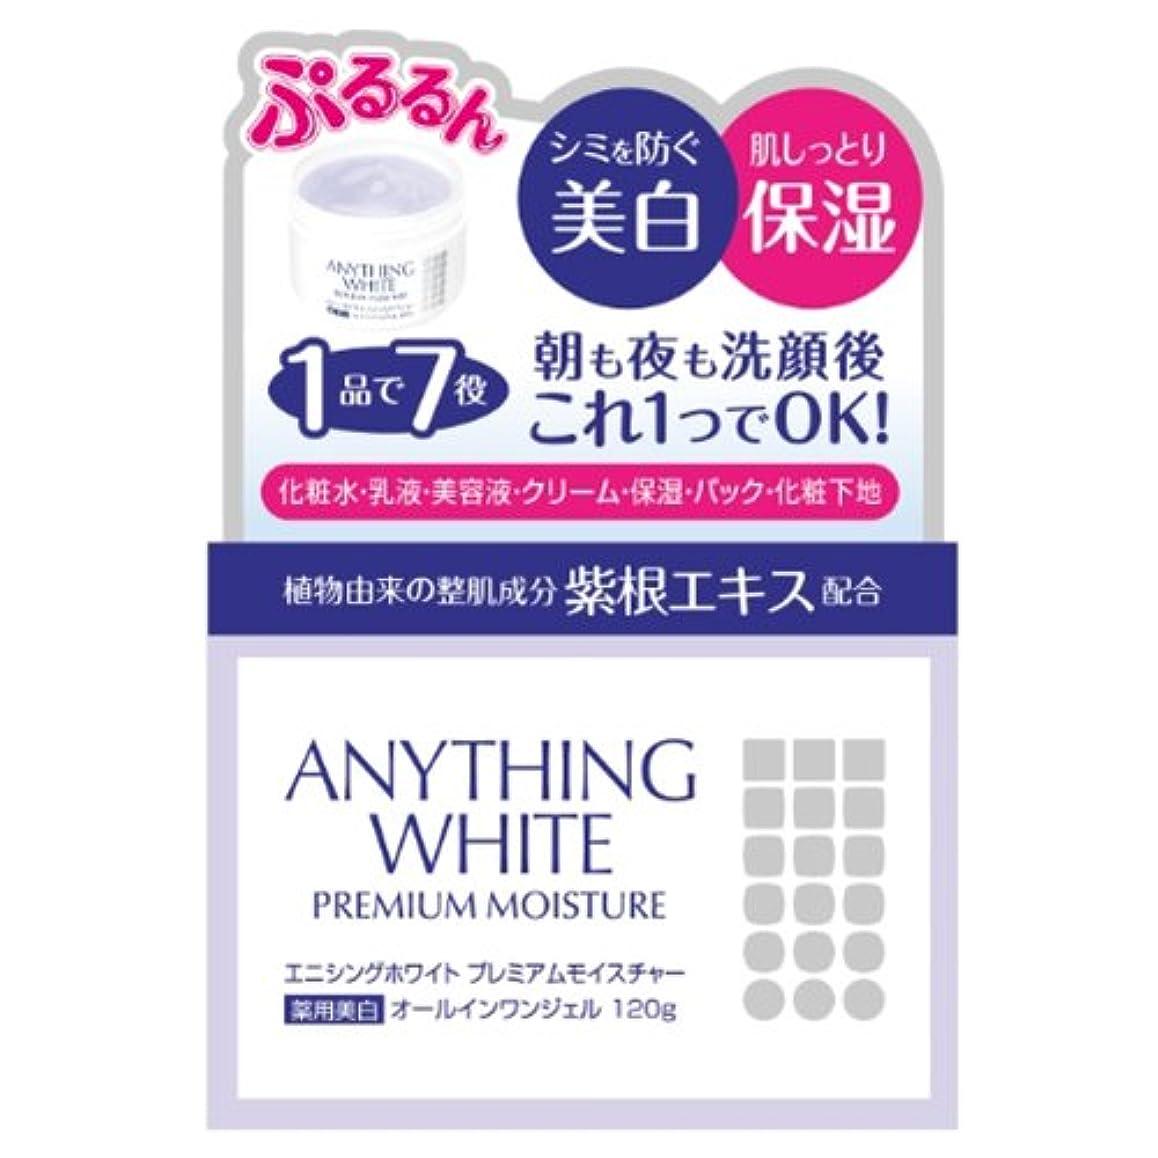 彼らのもの酸っぱい便益エニシングホワイト プレミアムモイスチャー 120g